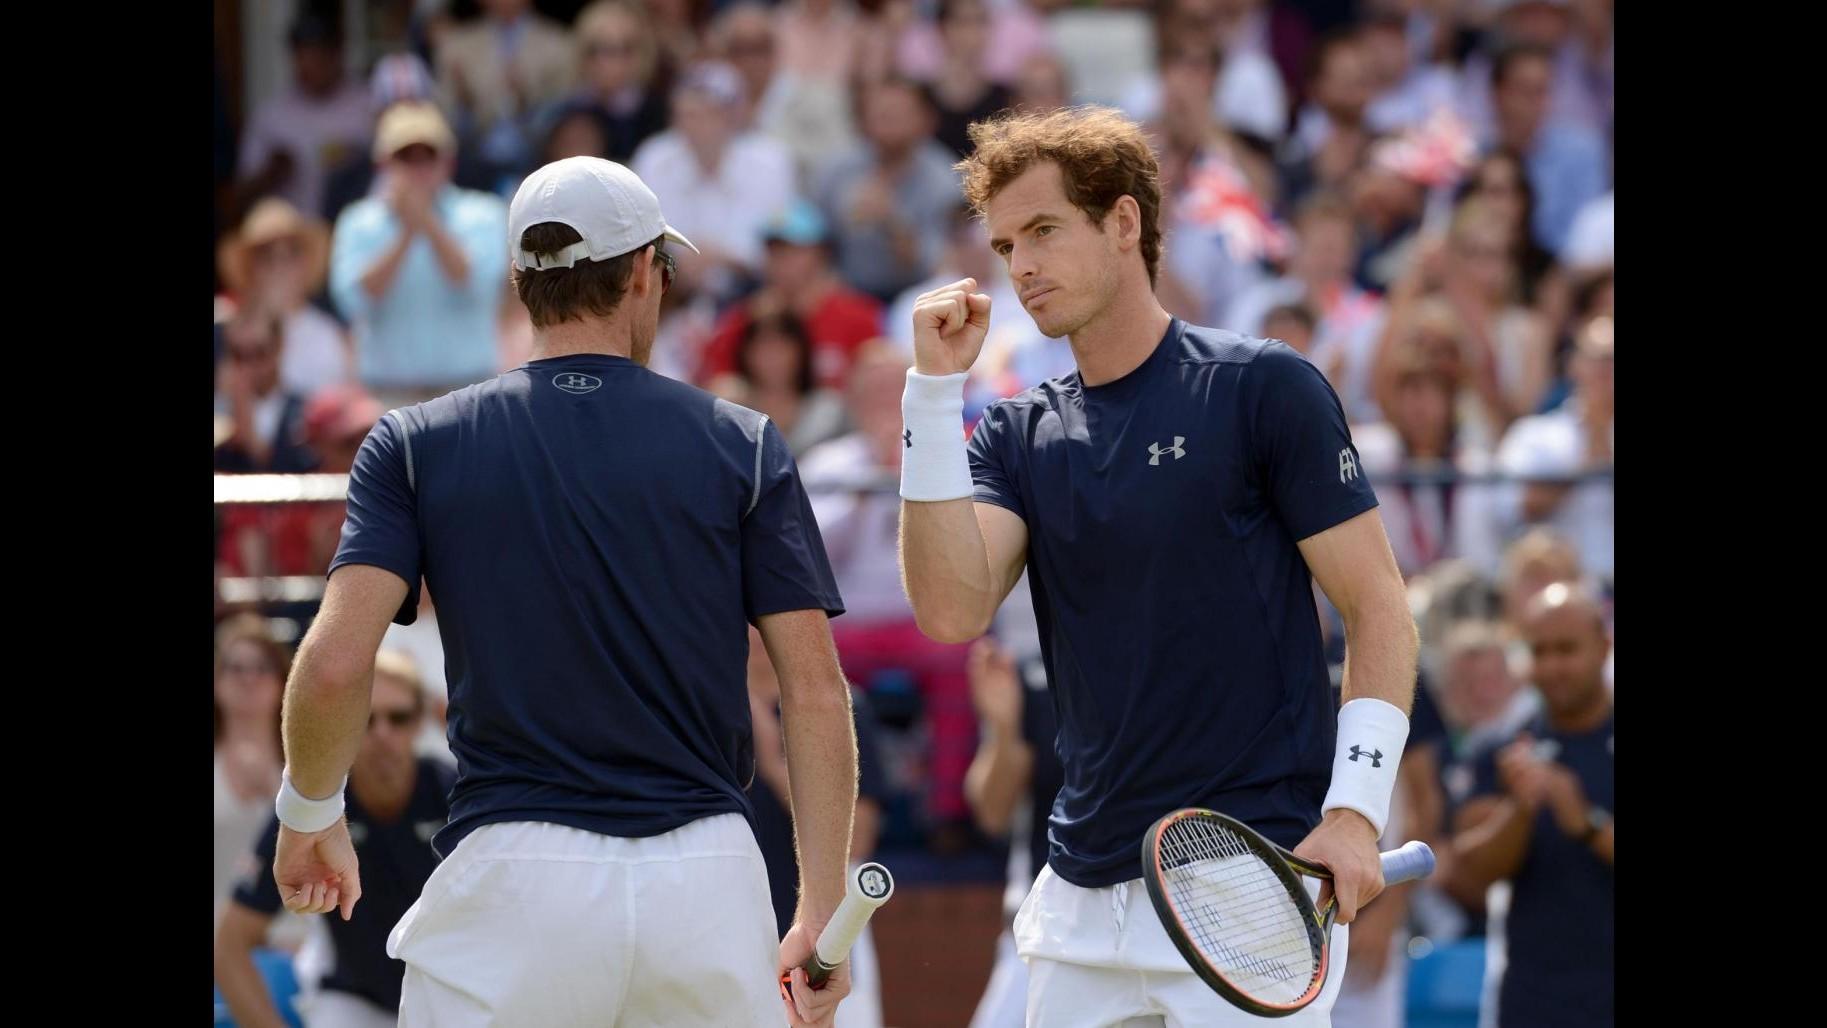 Coppa Davis: Murray trascina la Gran Bretagna in semifinale